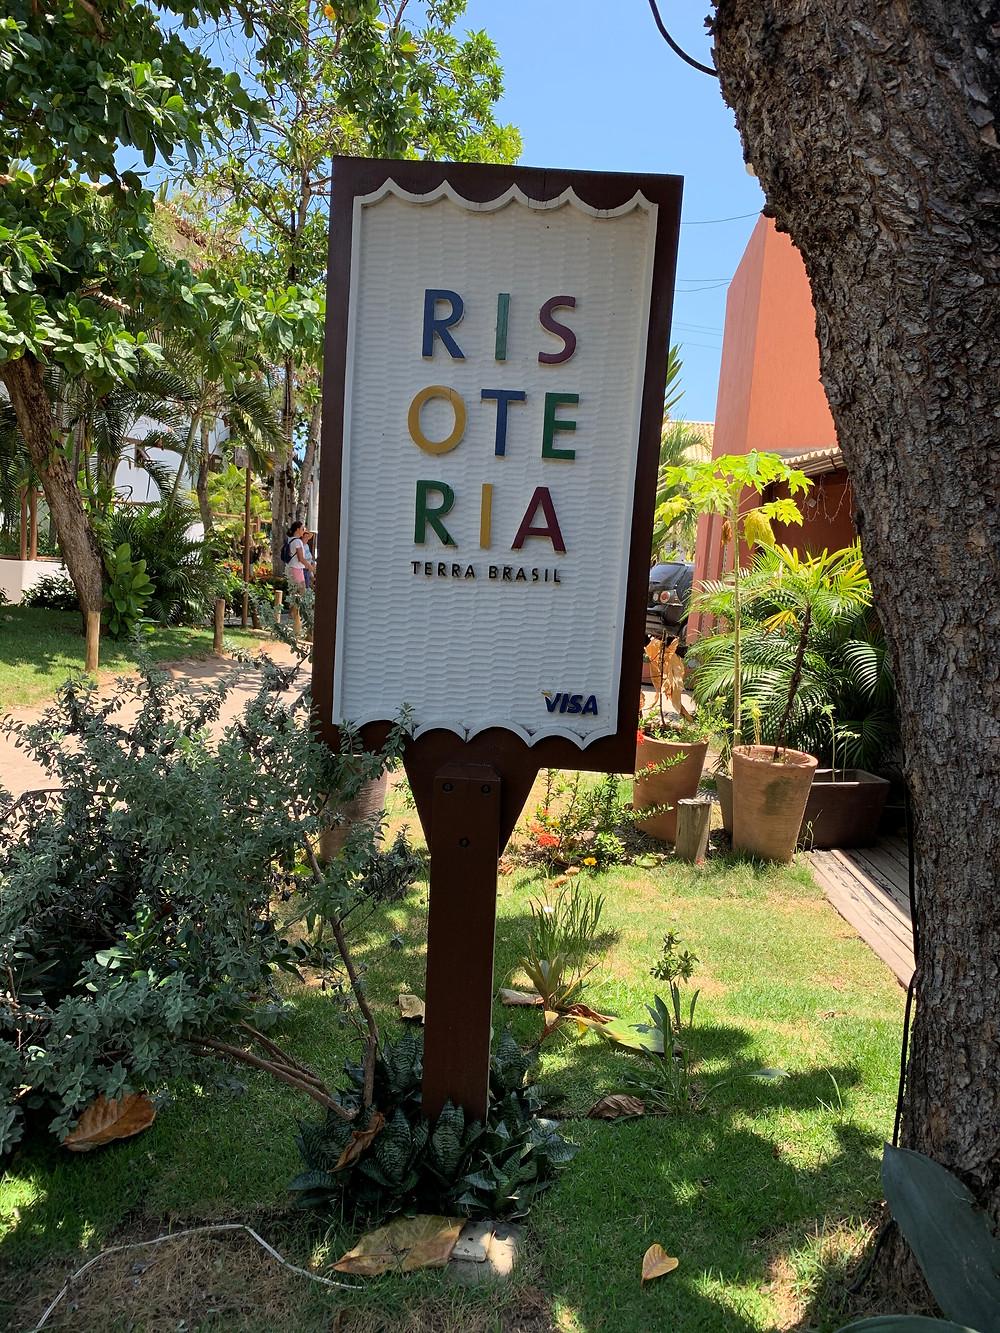 RISOTERIA TERRA BRASIL